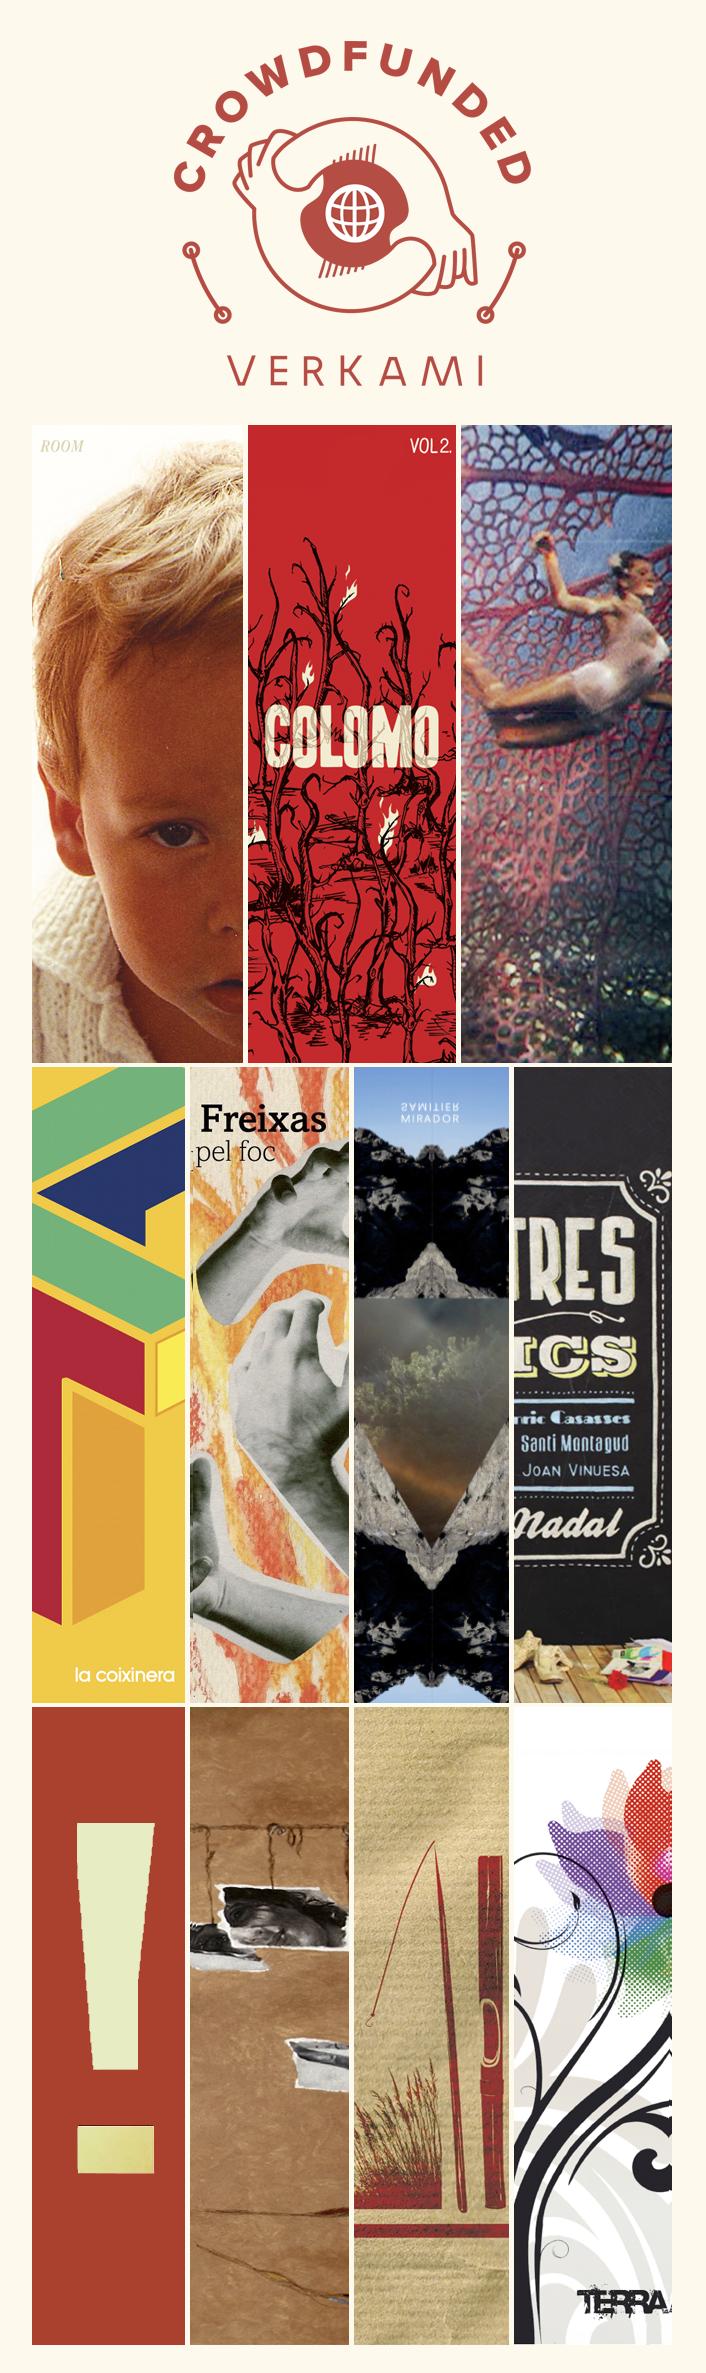 CROWDFUNDED VERKAMI - 11 verkamis entre los mejores discos del 2012